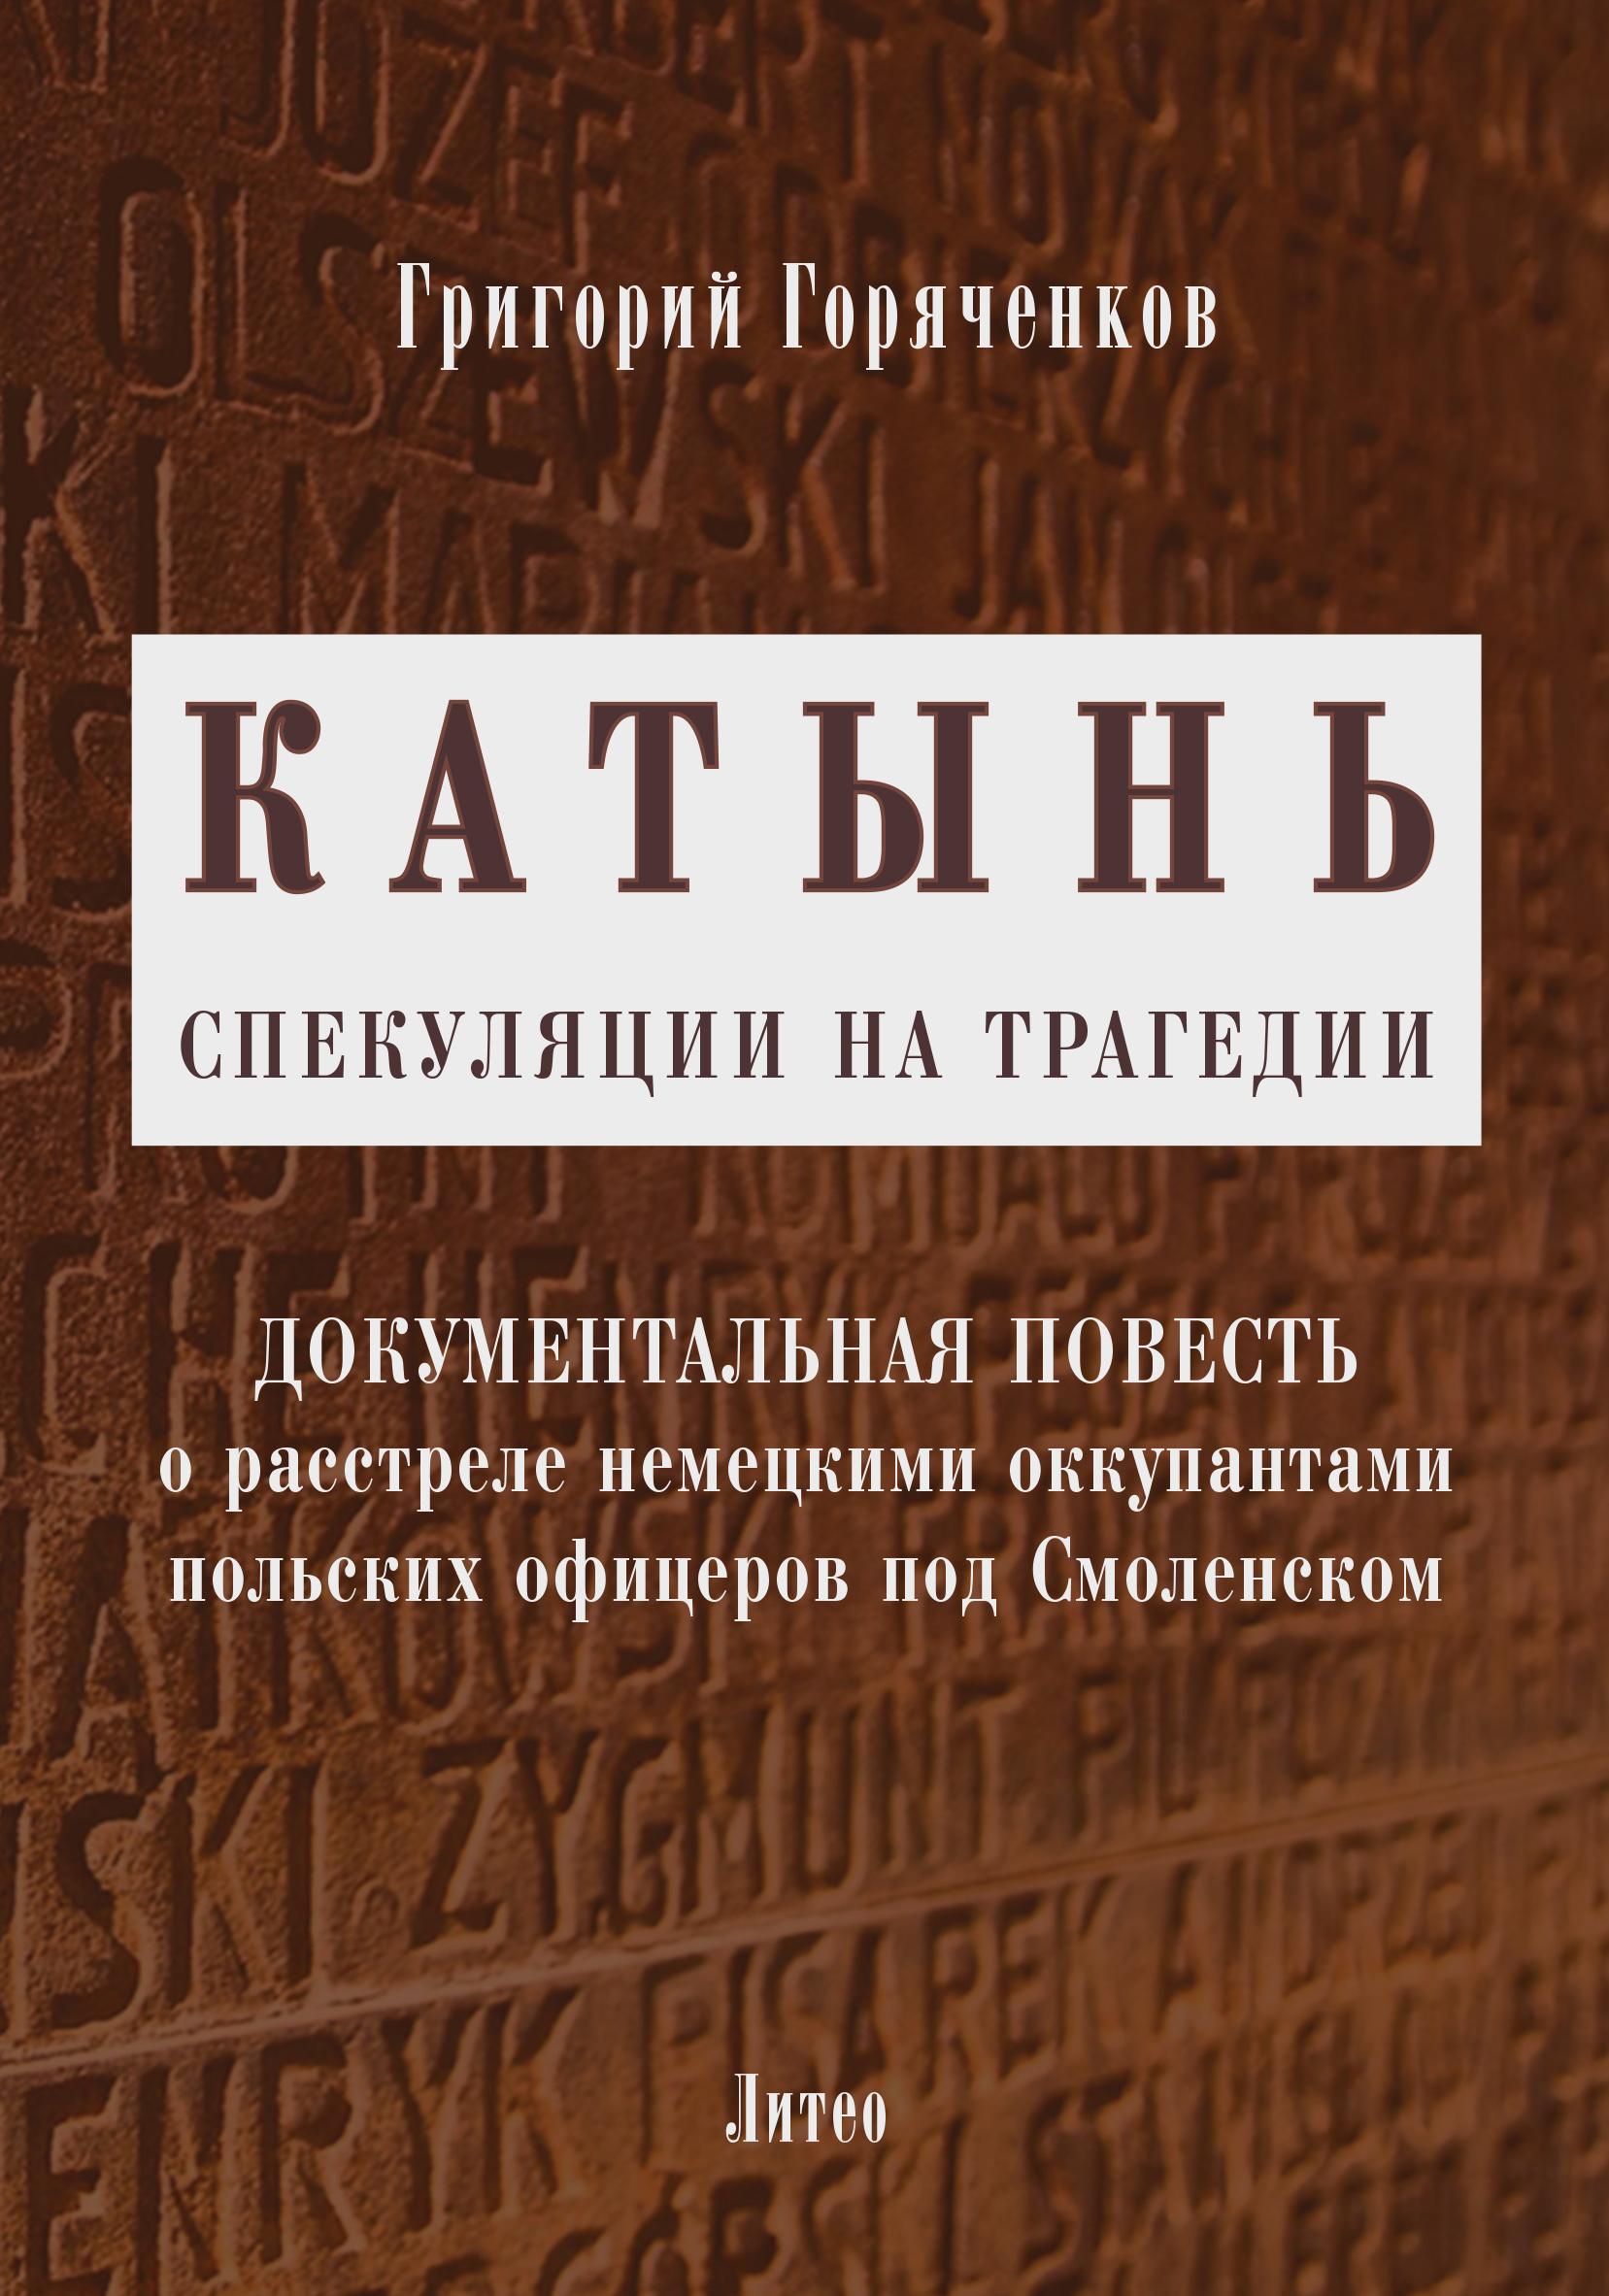 Григорий Горяченков Катынь: спекуляции на трагедии